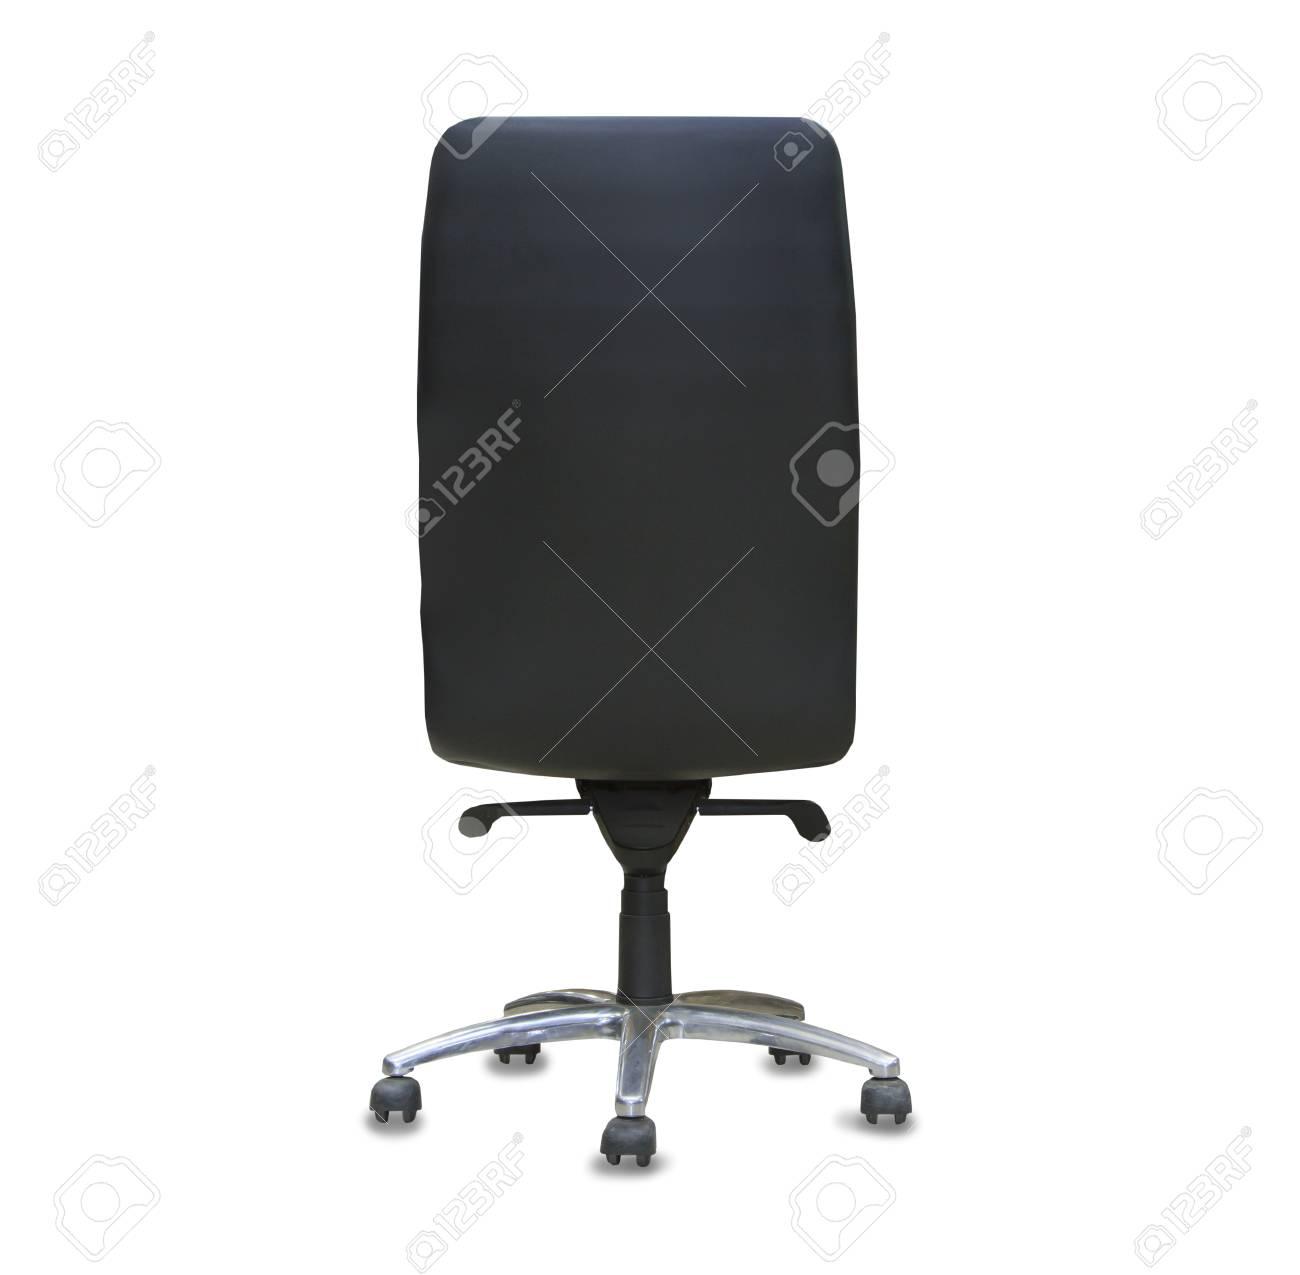 vue de dos de la chaise de bureau moderne de cuir noir isole banque d images et photos libres de droits image 71768300